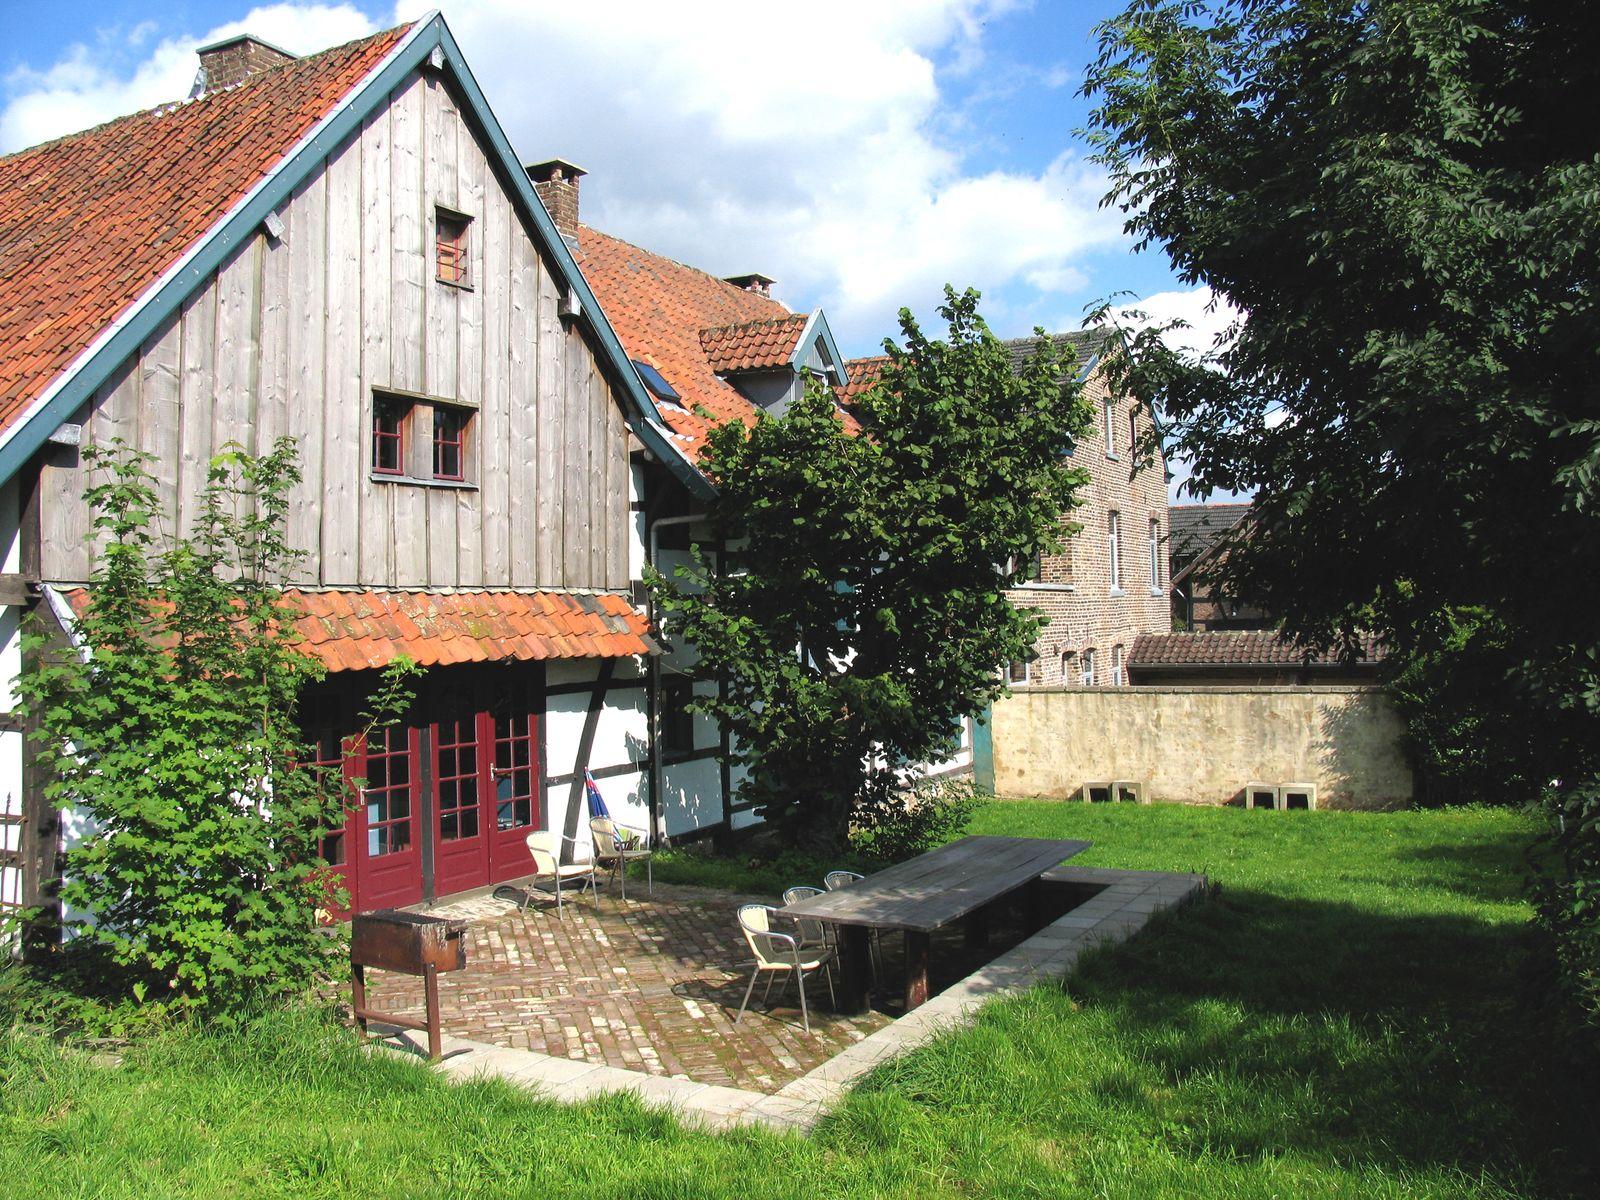 Afbeelding van Vakwerkhuis Woonhuis - vakantiehuis voor groepen in Limburg